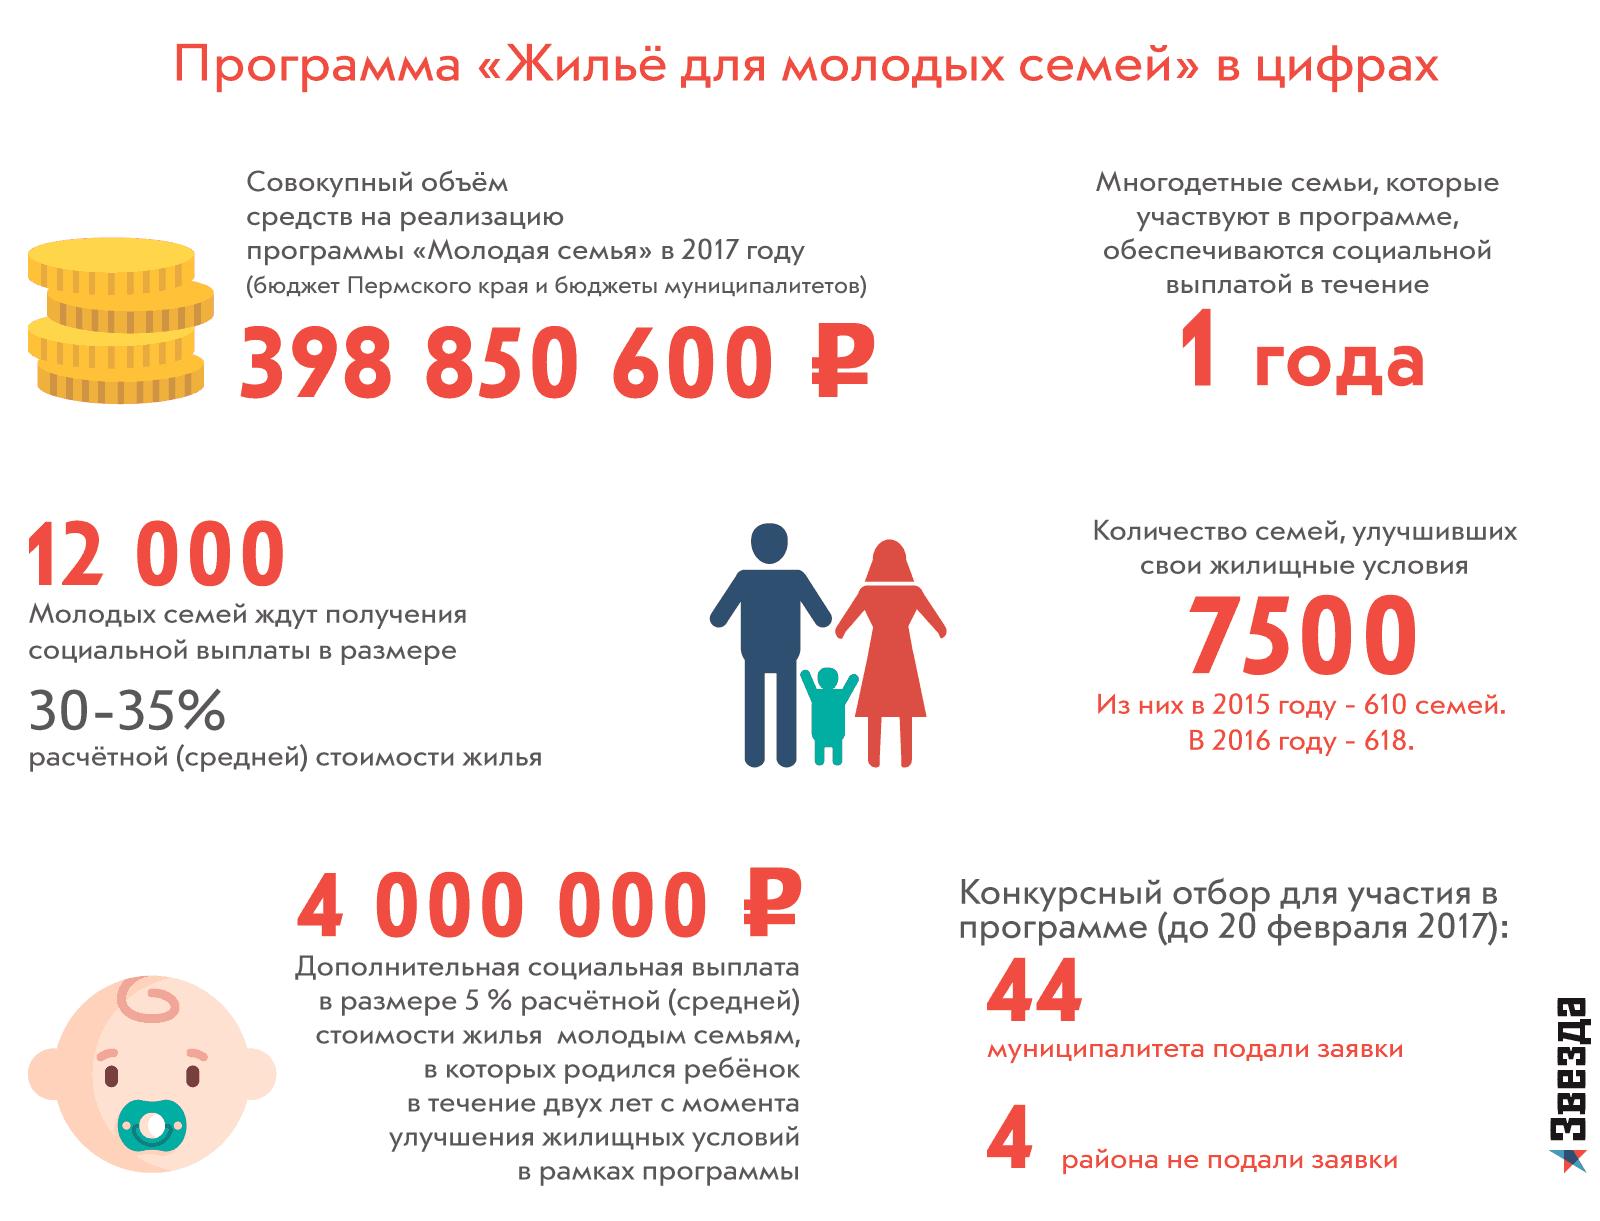 Итоги программы в 2017 году